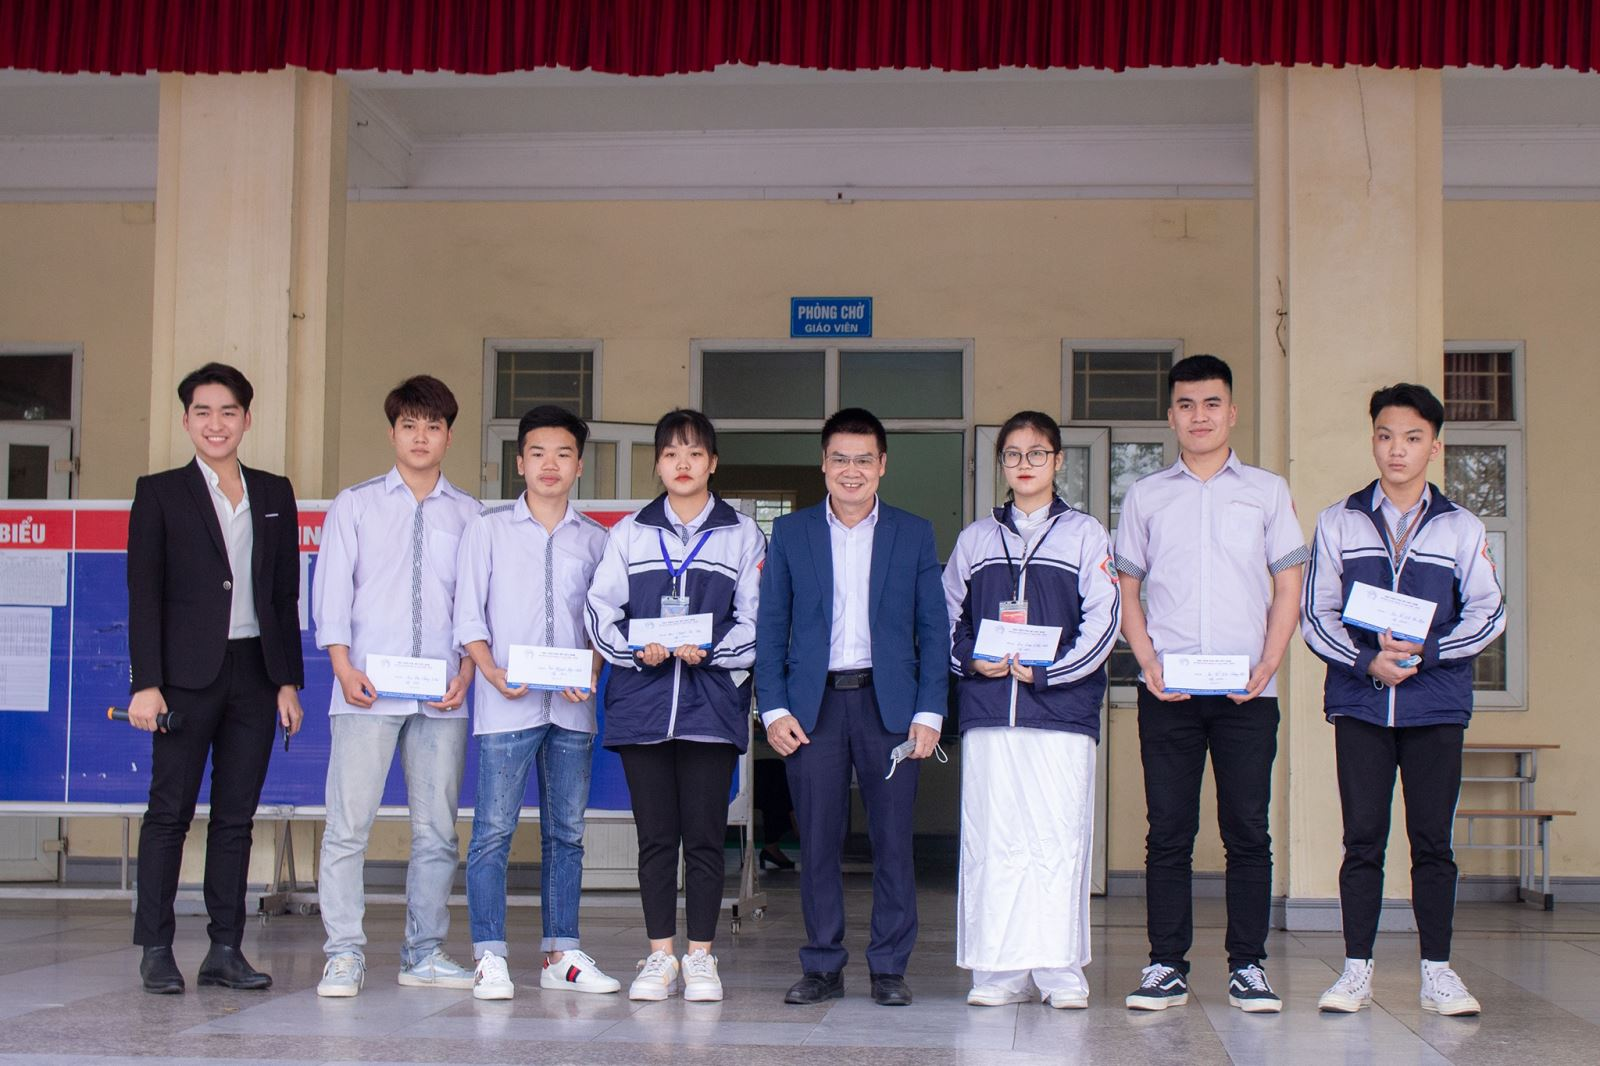 Tư vấn hướng nghiệp, trao học bổng tại trường THPT Đông Triều, tỉnh Quảng Ninh